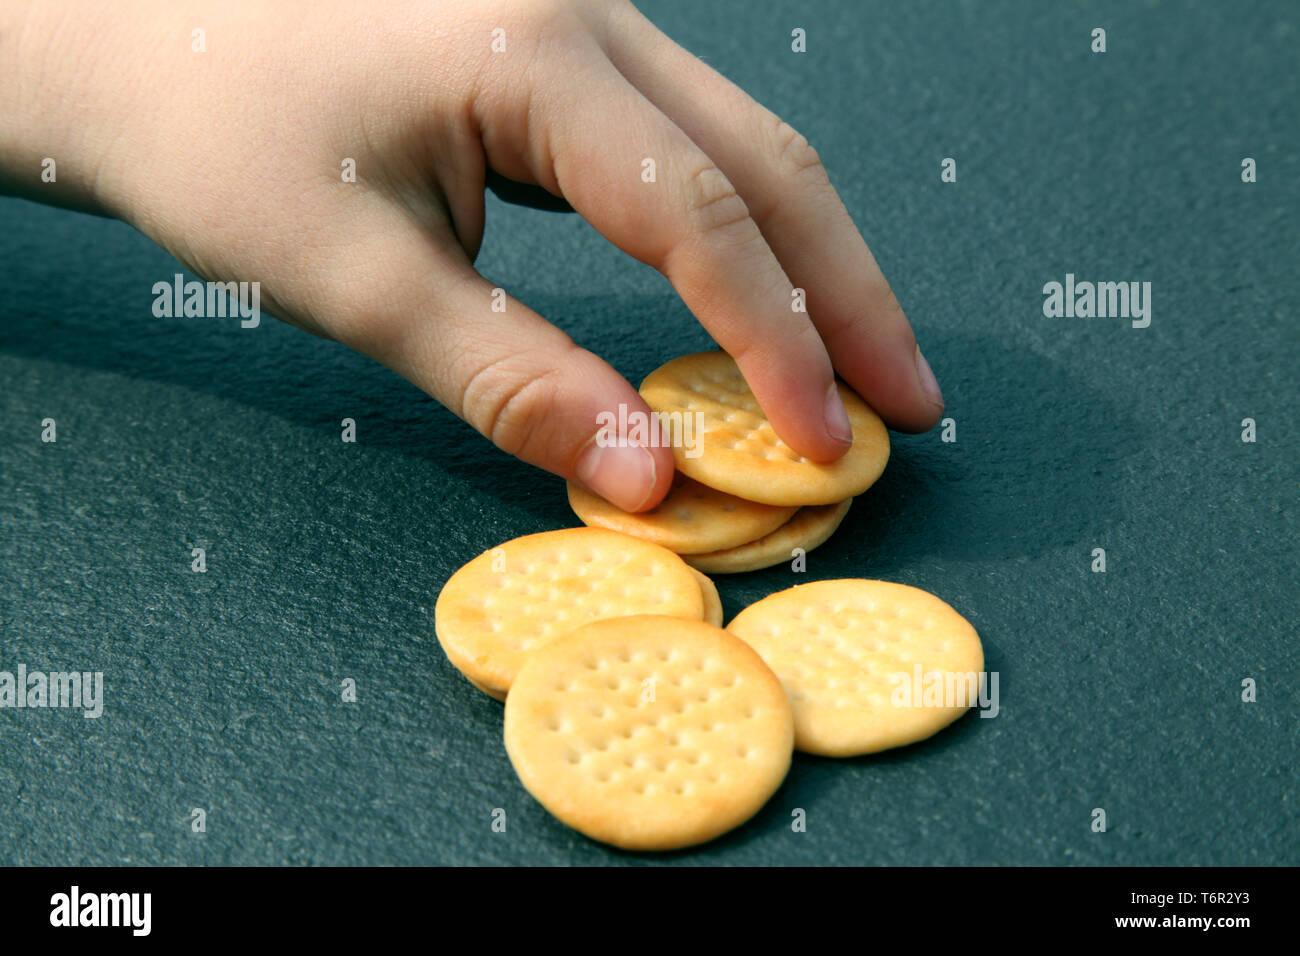 Die Hand des Kindes, die Jacobs Mini Cheddars aus schwarzem Schiefer Hintergrund Stockbild